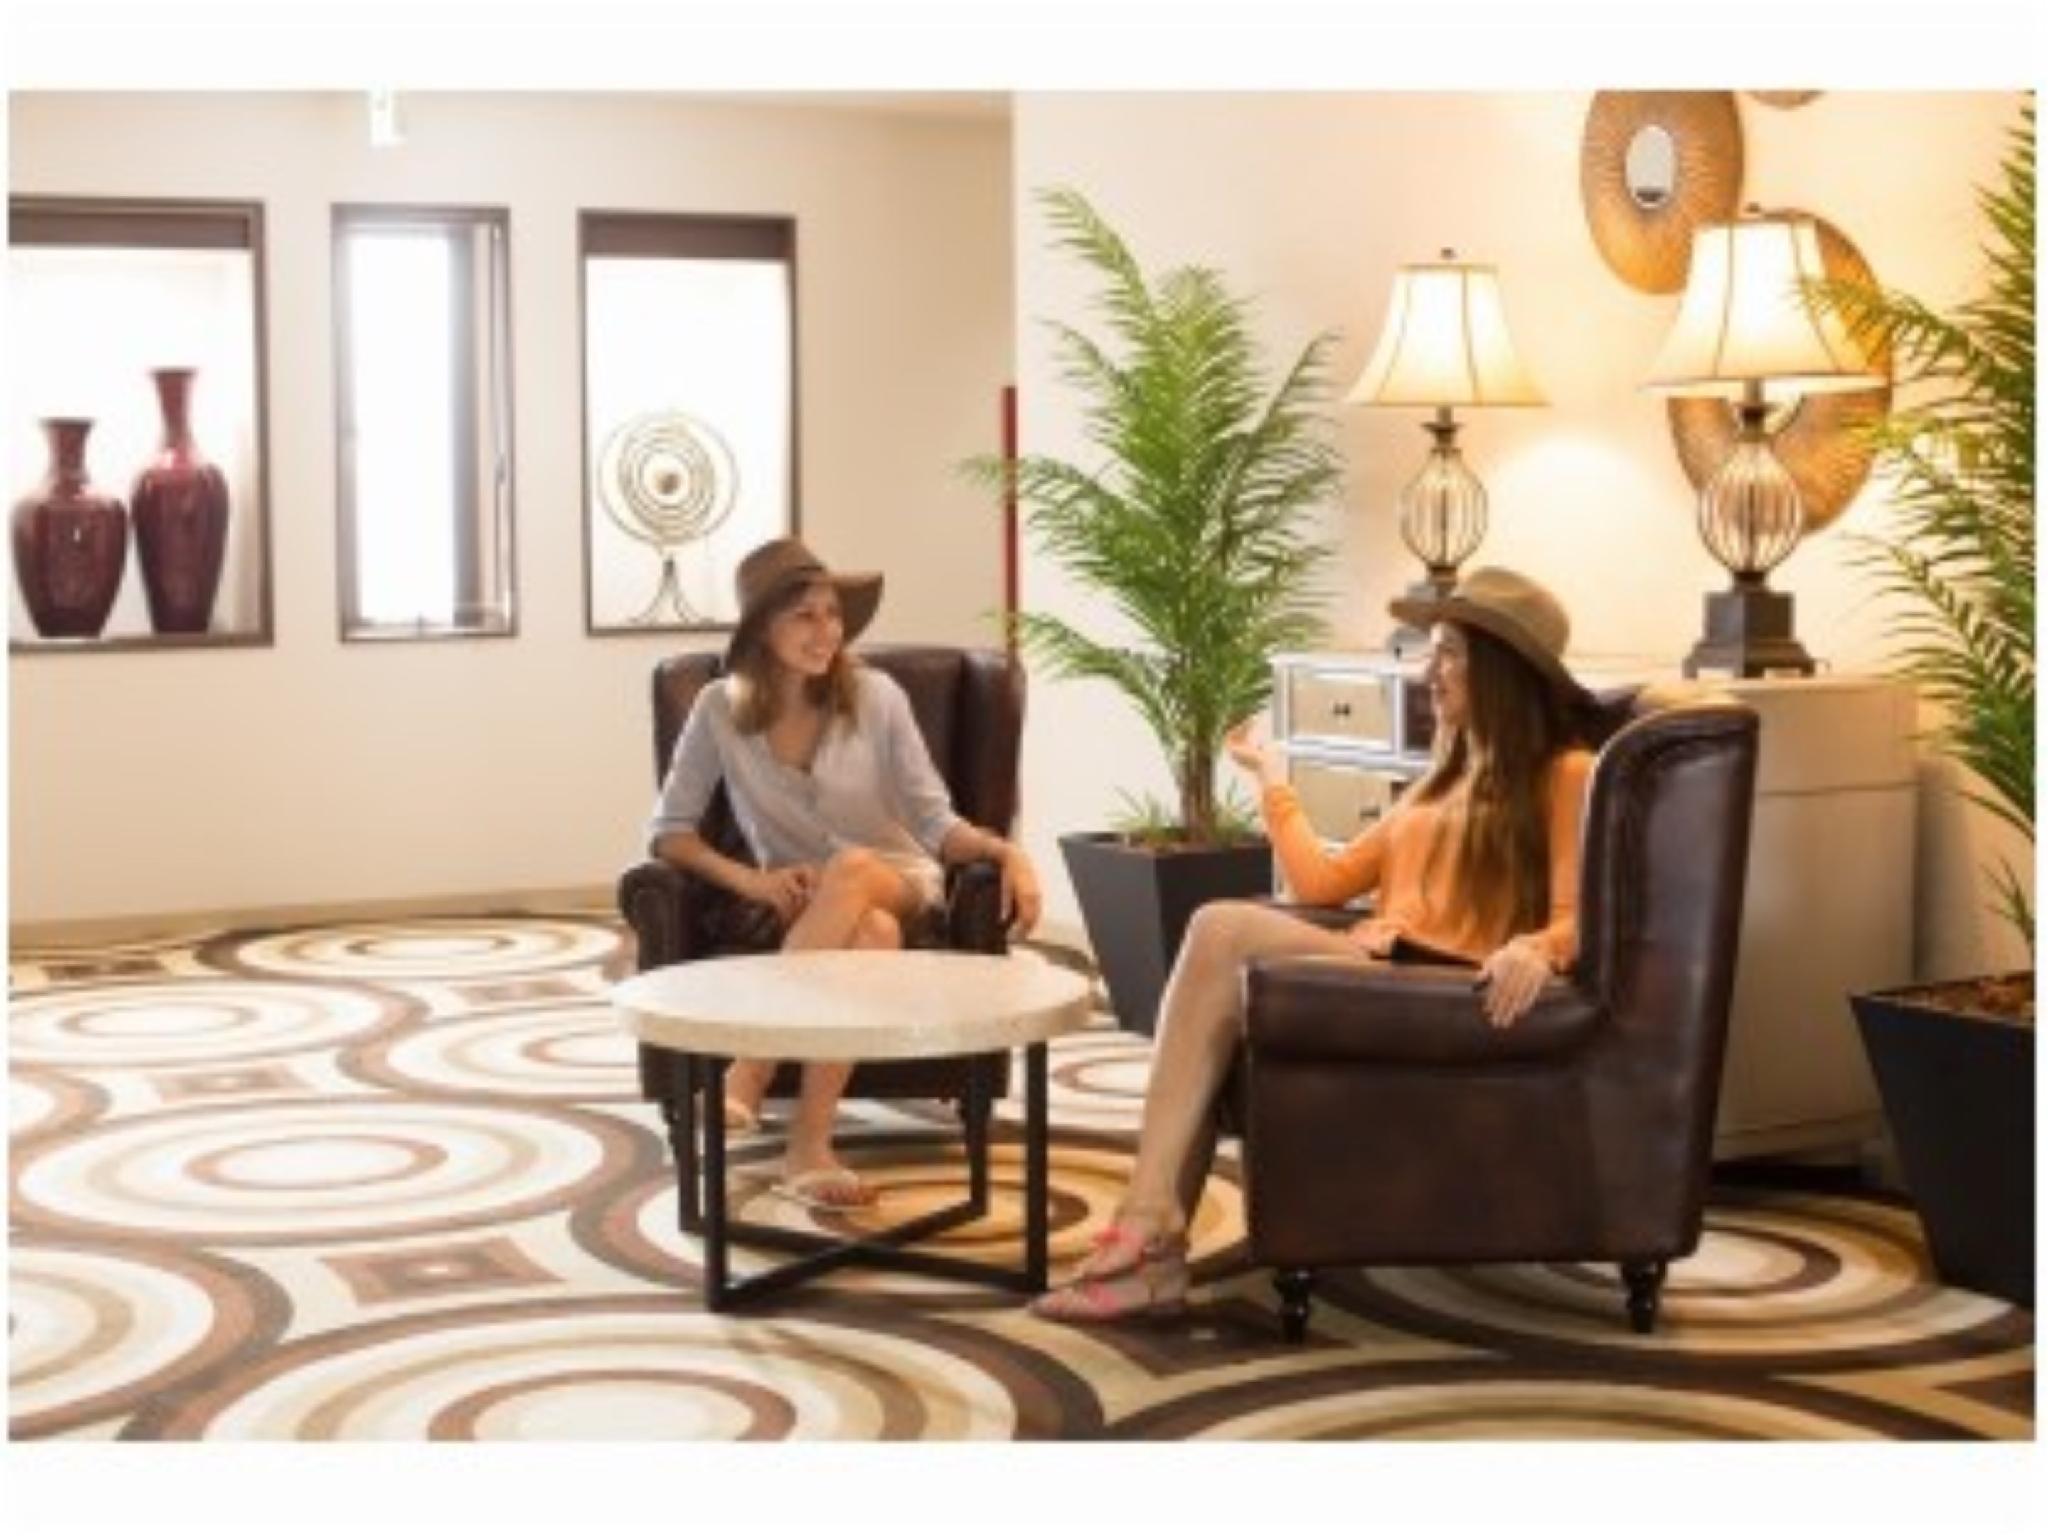 Centurion Hotel Resort Okinawa Nago City Okinawa Main